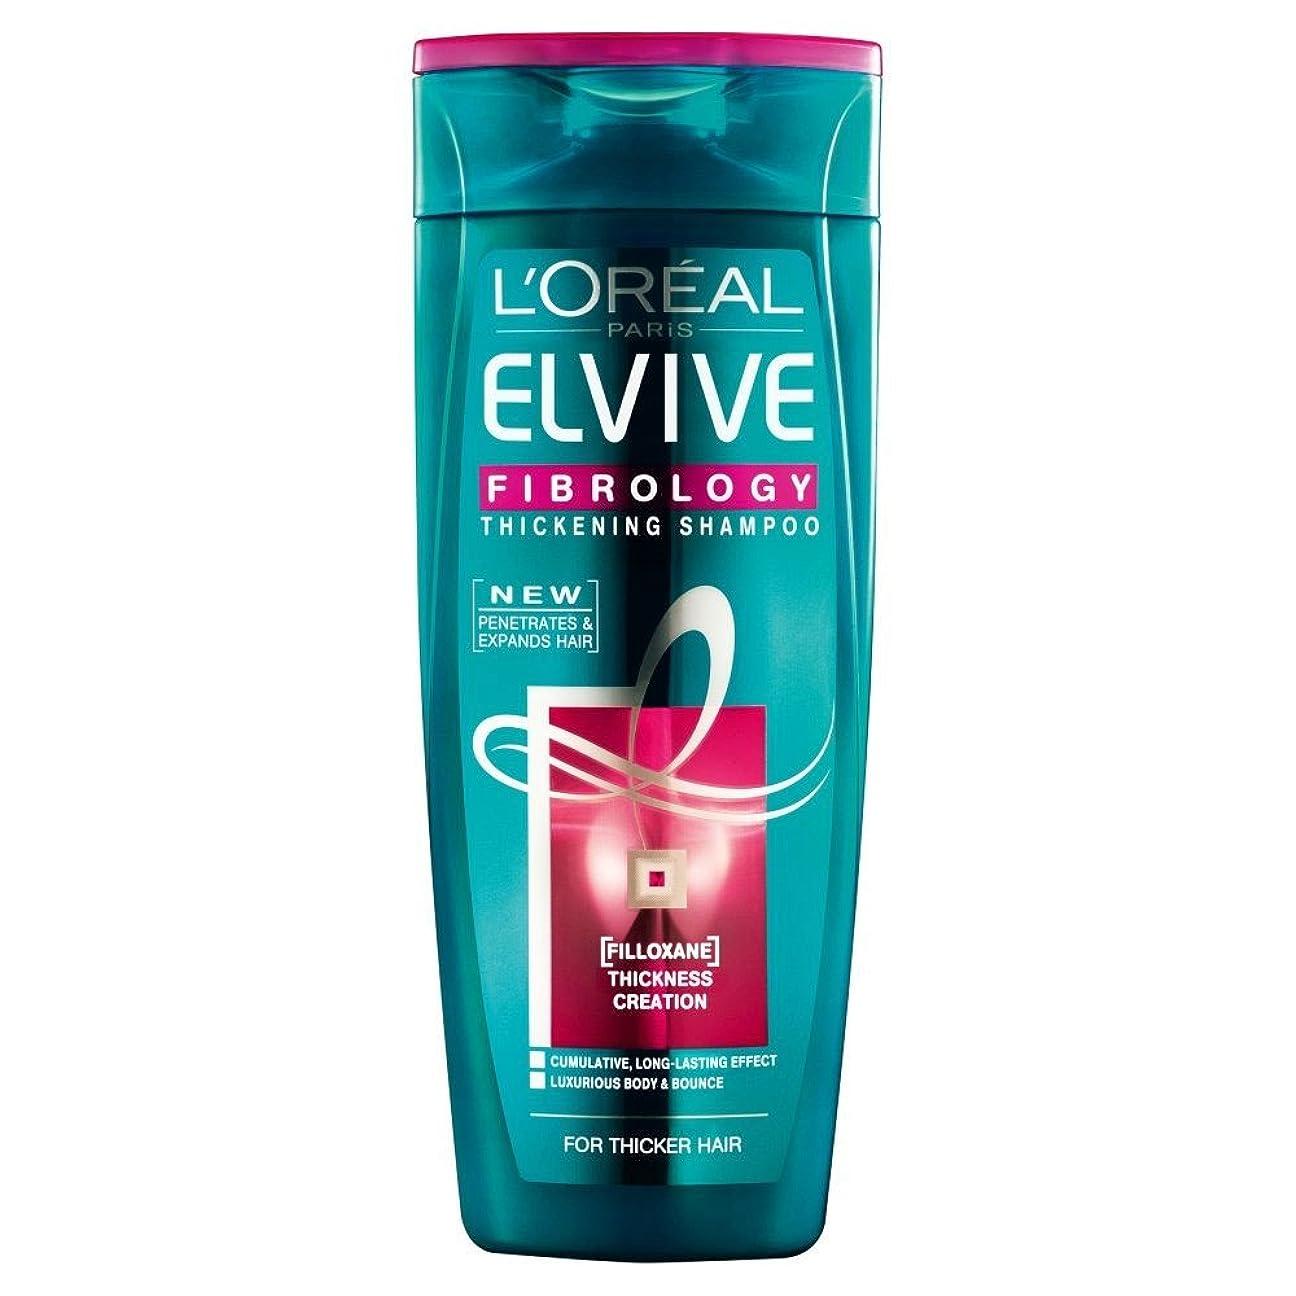 拍車実り多い勧告L'Oreal Paris Elvive Fibrology Thickening Shampoo (250ml) L'オラ?アルパリelviveのfibrology肥厚シャンプー( 250ミリリットル) [並行輸入品]